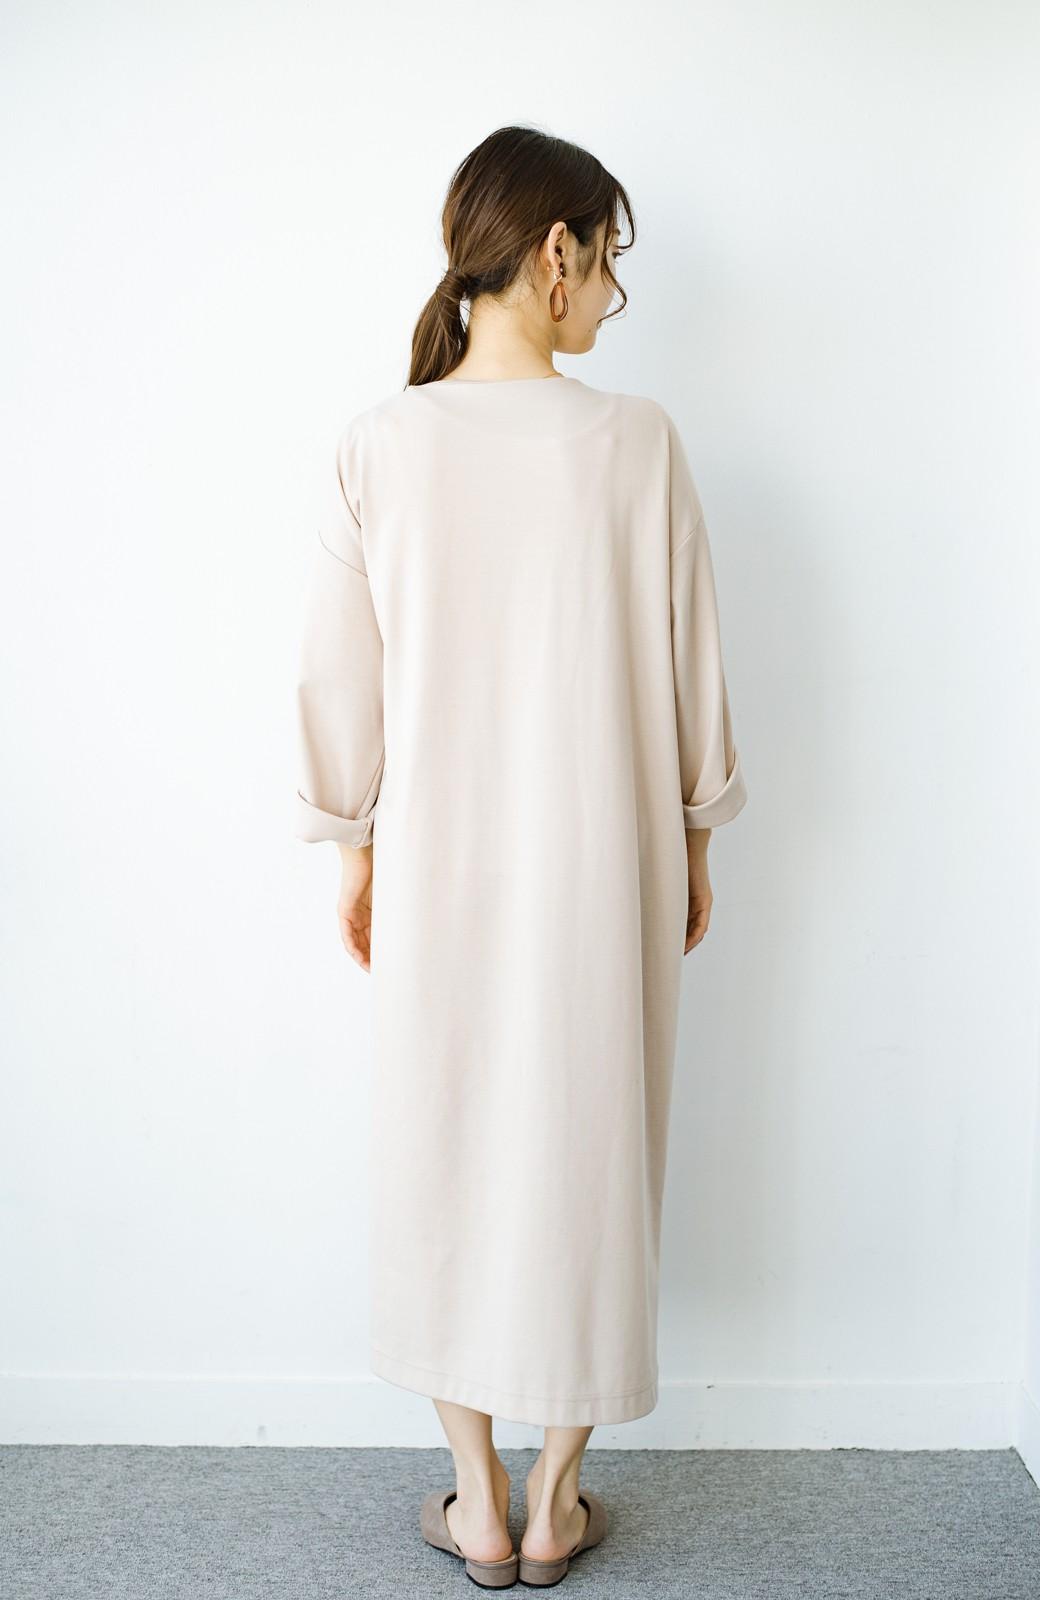 haco! サイドリボンと落ち感が女っぽい 羽織り&重ね着を楽しむカットソーワンピース <ピンクベージュ>の商品写真12